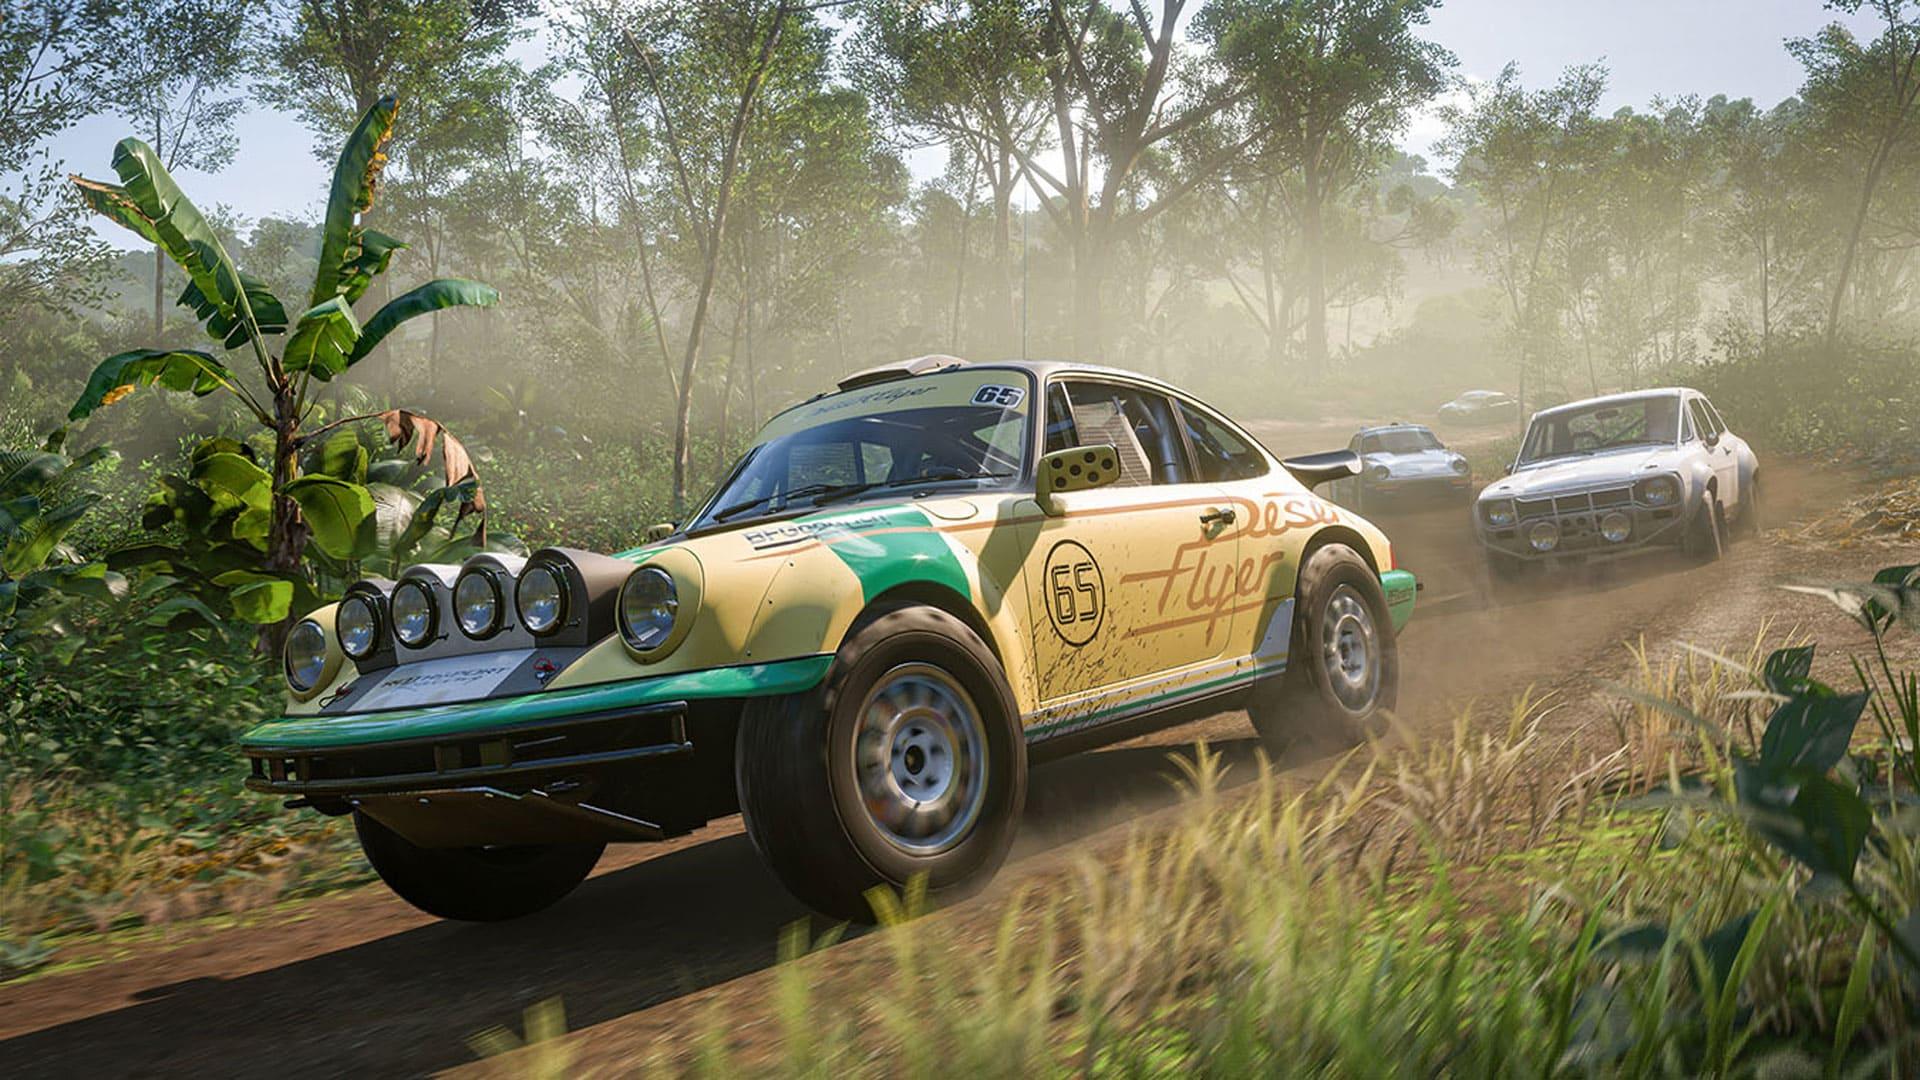 Imagem do jogo Forza Horizon 5 com um carro Porsche adaptado para corridas em uma estrada de terra no meio de uma floresta, seguido por outros três competidores.